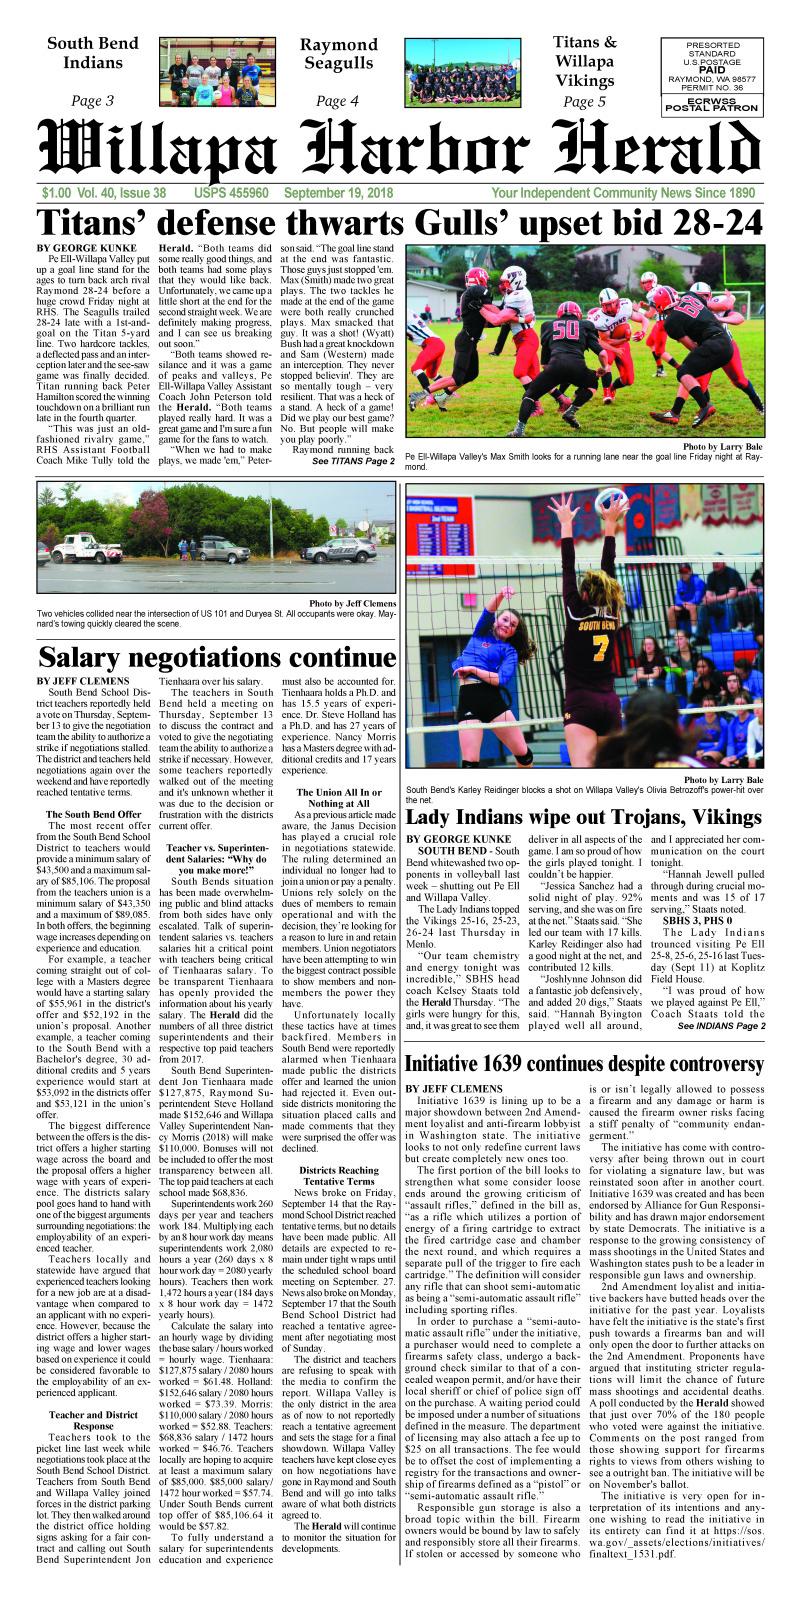 September 19, 2018 Willapa Harbor Herald